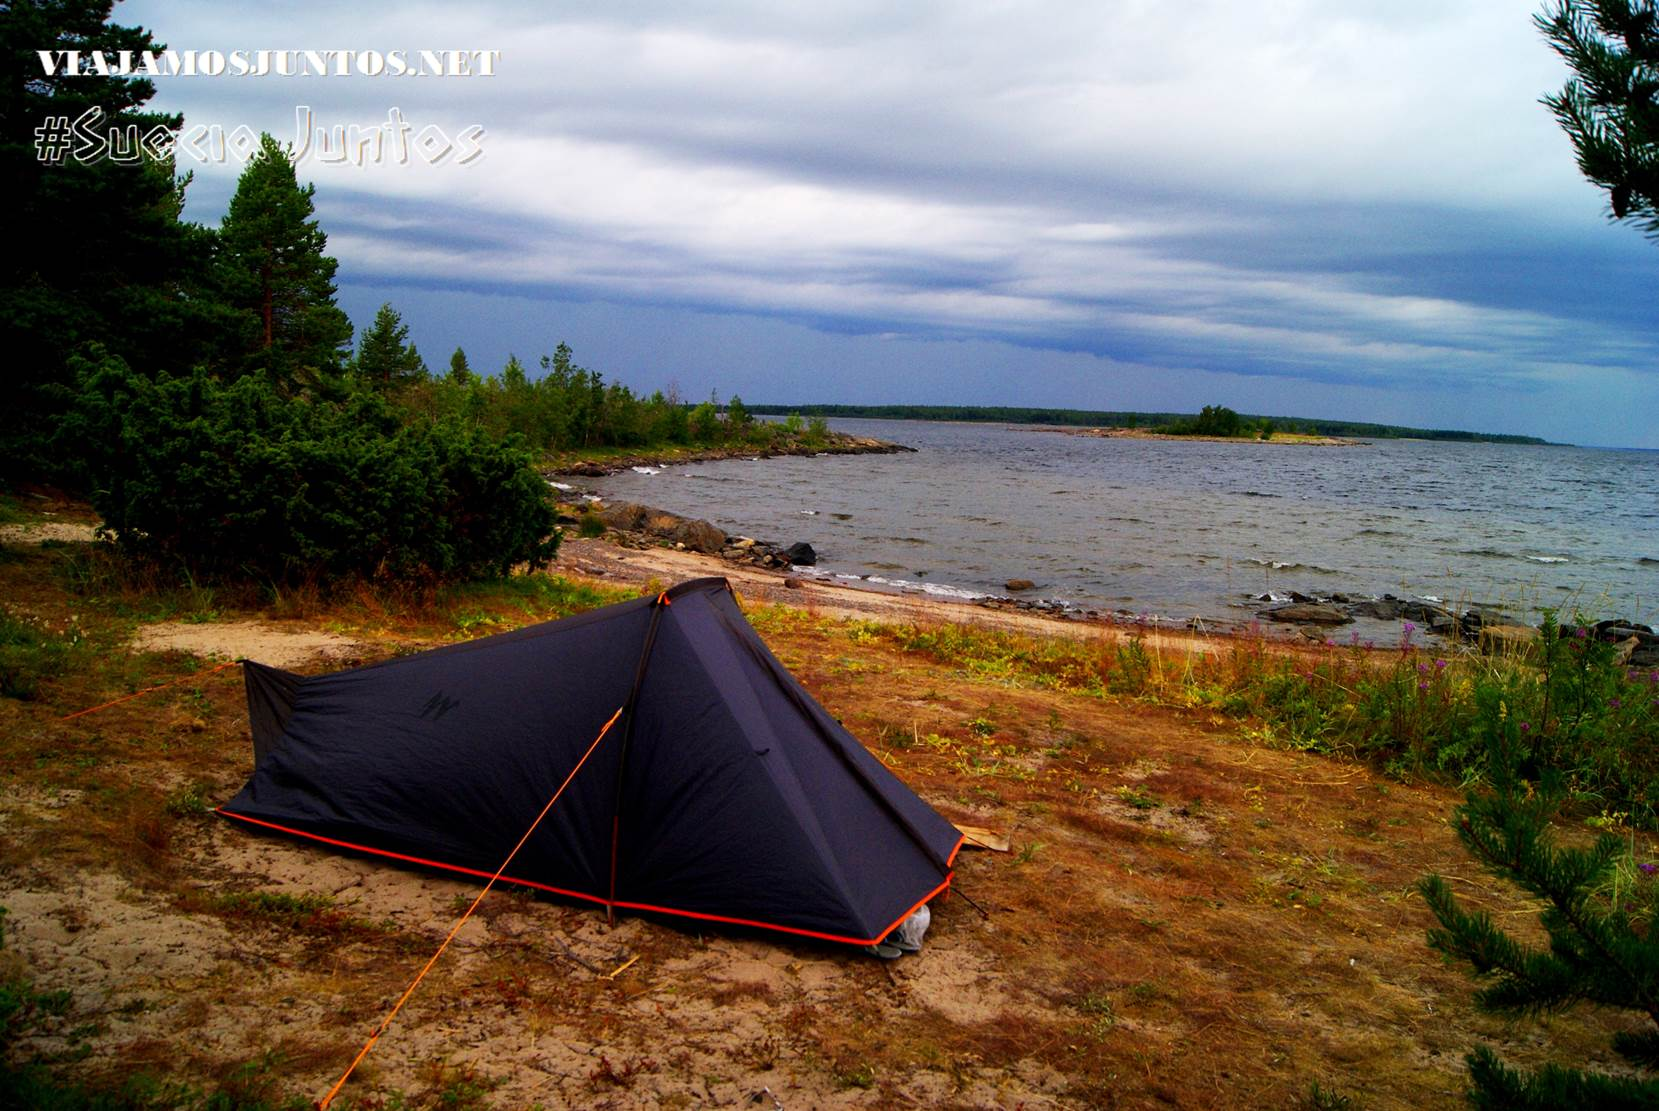 Suecia, naturaleza, viajar por libre, vistas, paisajes, Laponia Sueca, inspiración, información práctica, tips, consejos, viajar por libre, alojamiento, diario, Kluntarna, Lulea, archipielago